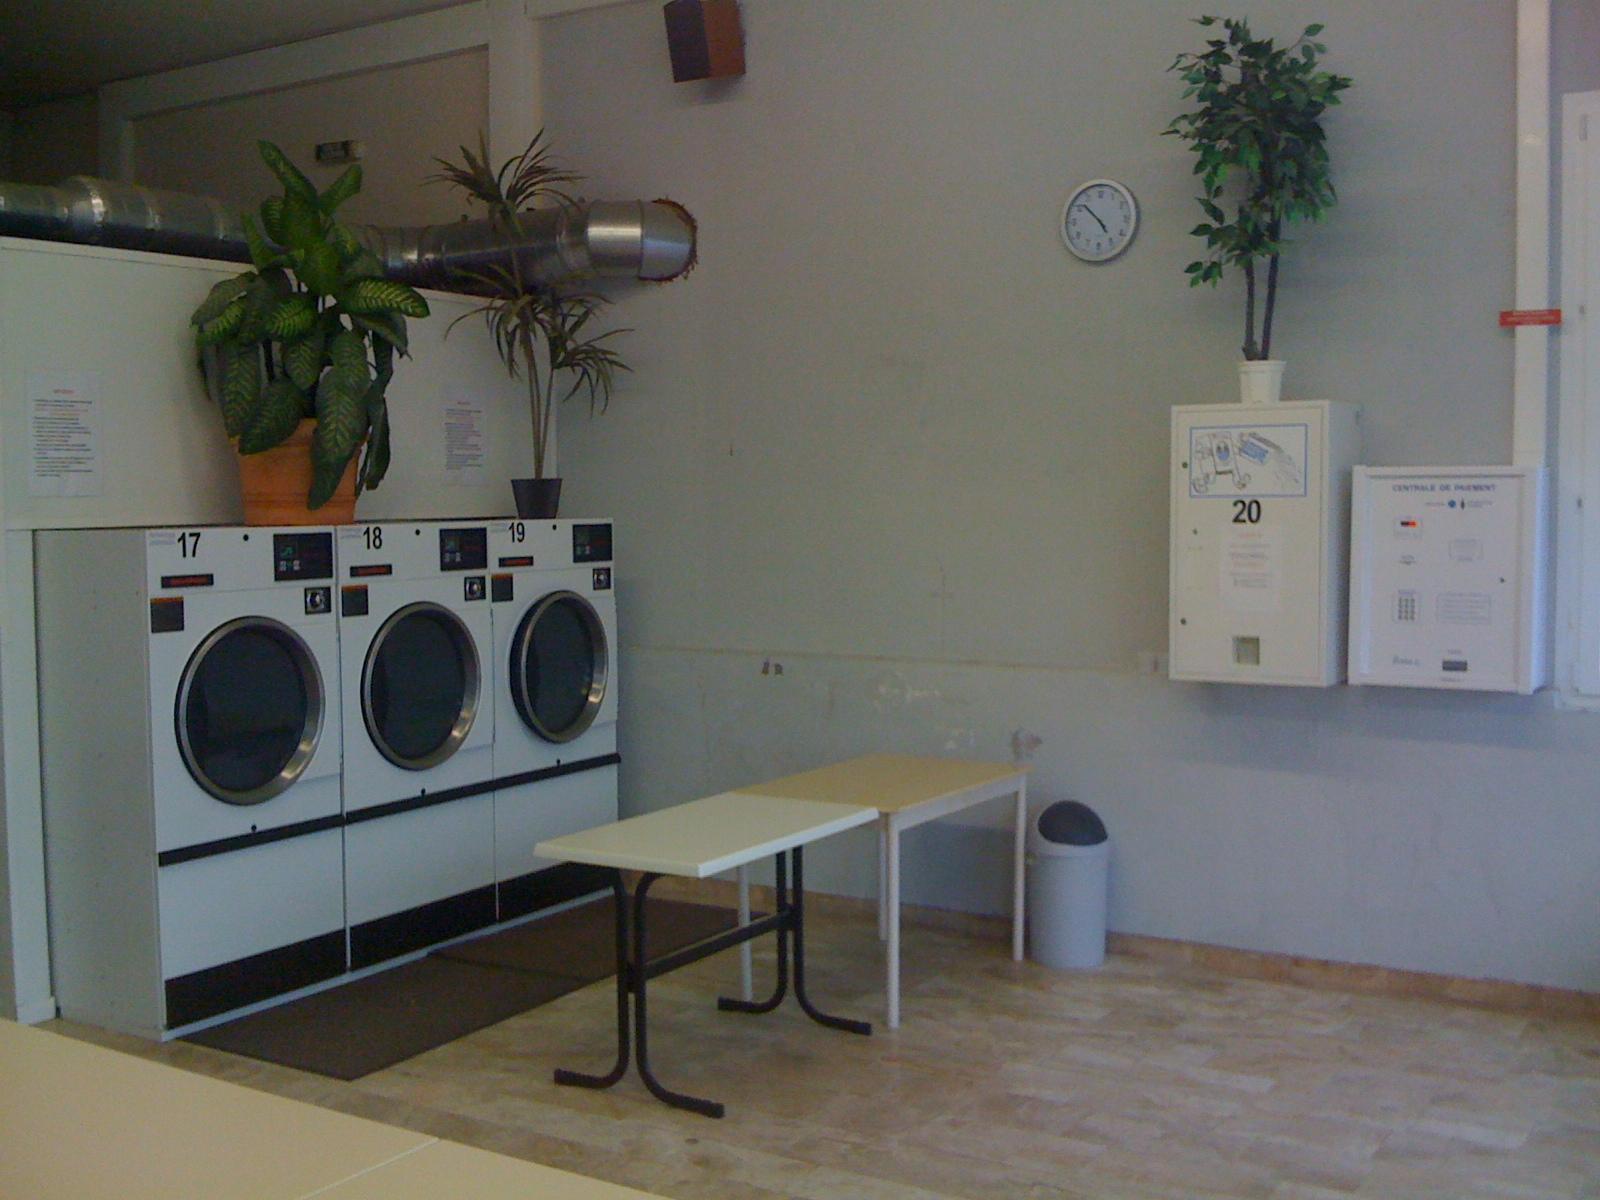 laverie du centre selestat wash 39 n dry. Black Bedroom Furniture Sets. Home Design Ideas